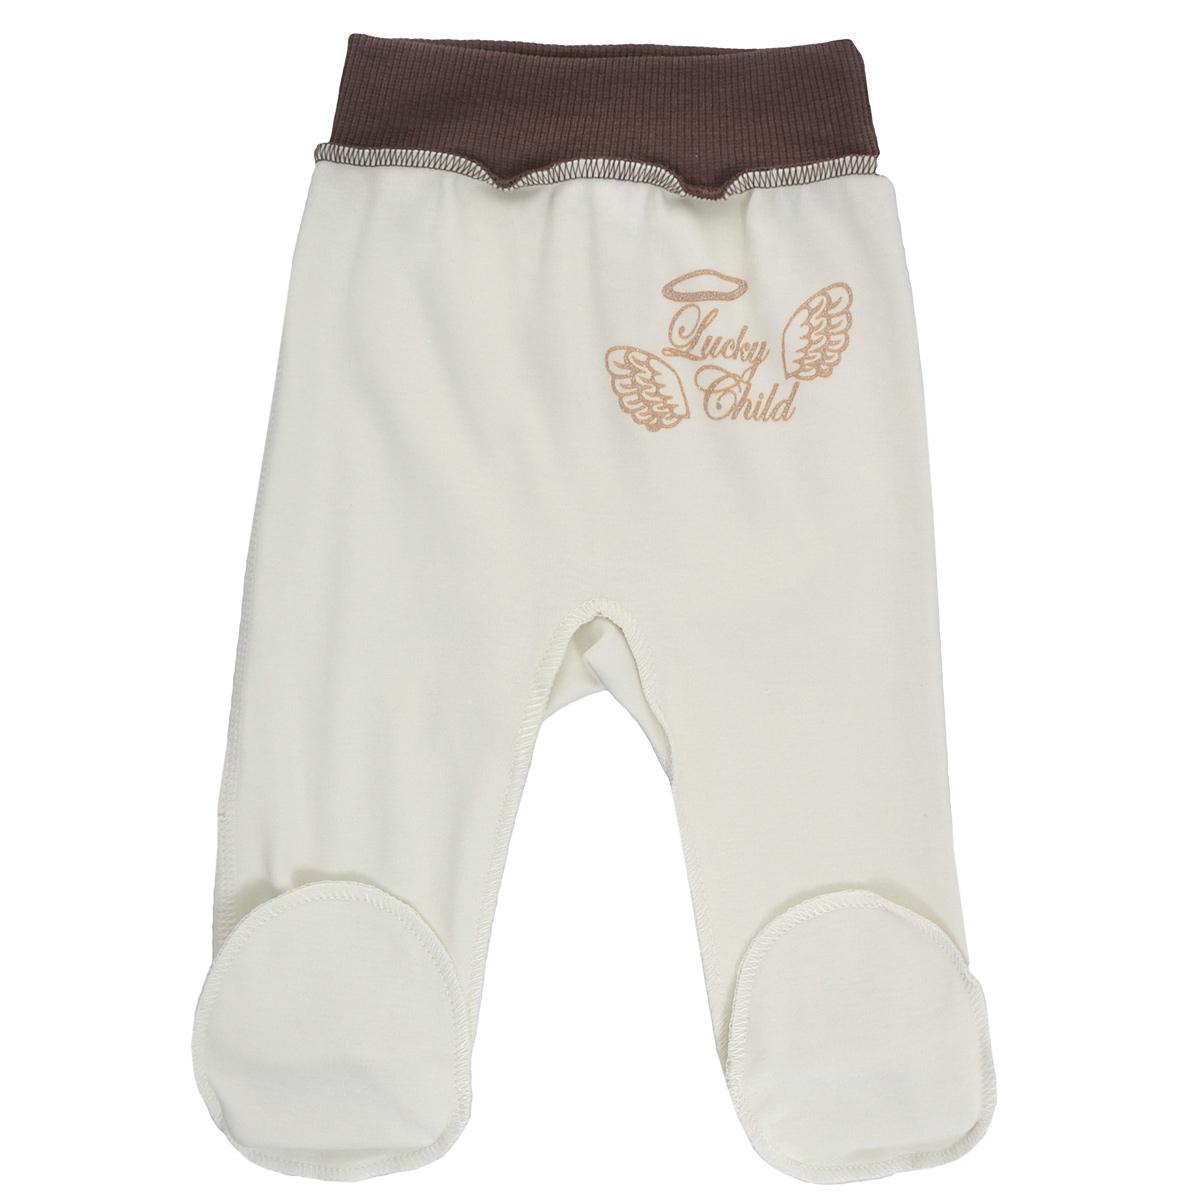 Купить Ползунки Lucky Child Ангелочки молочные 74-80, Молочный, Интерлок, Осень-Зима, Одежда для новорожденных